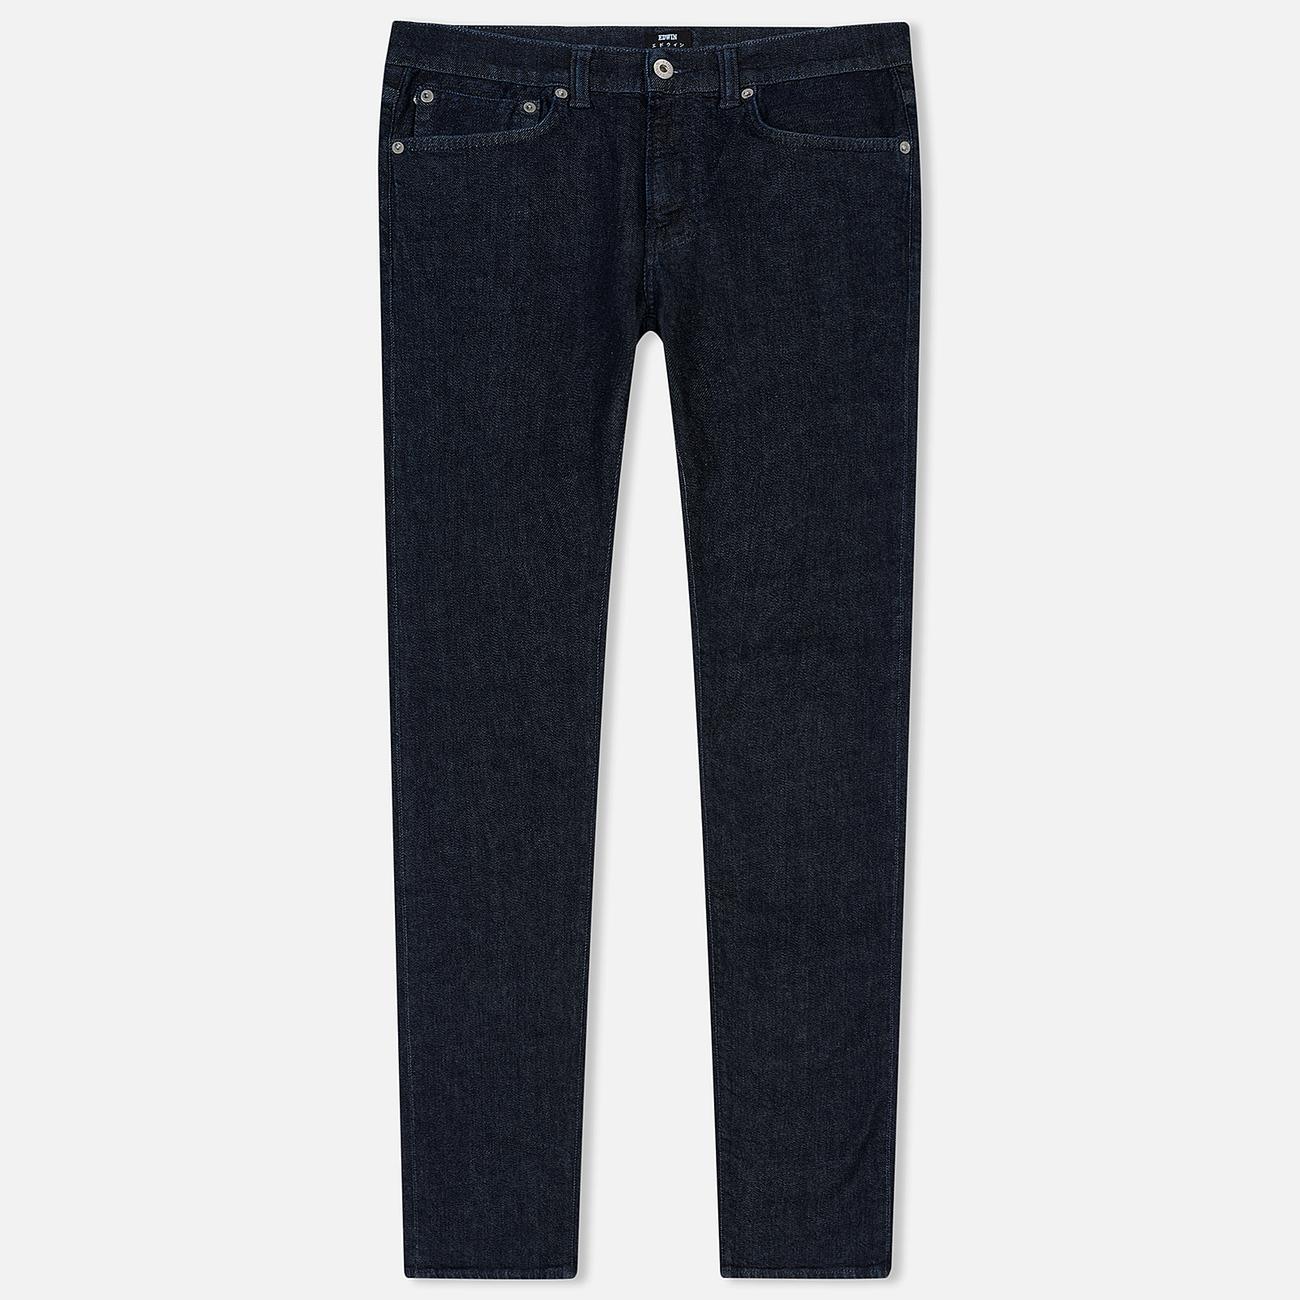 Мужские джинсы Edwin ED-80 CS Red Listed Blue Denim 12.75 Oz Blue Rinsed